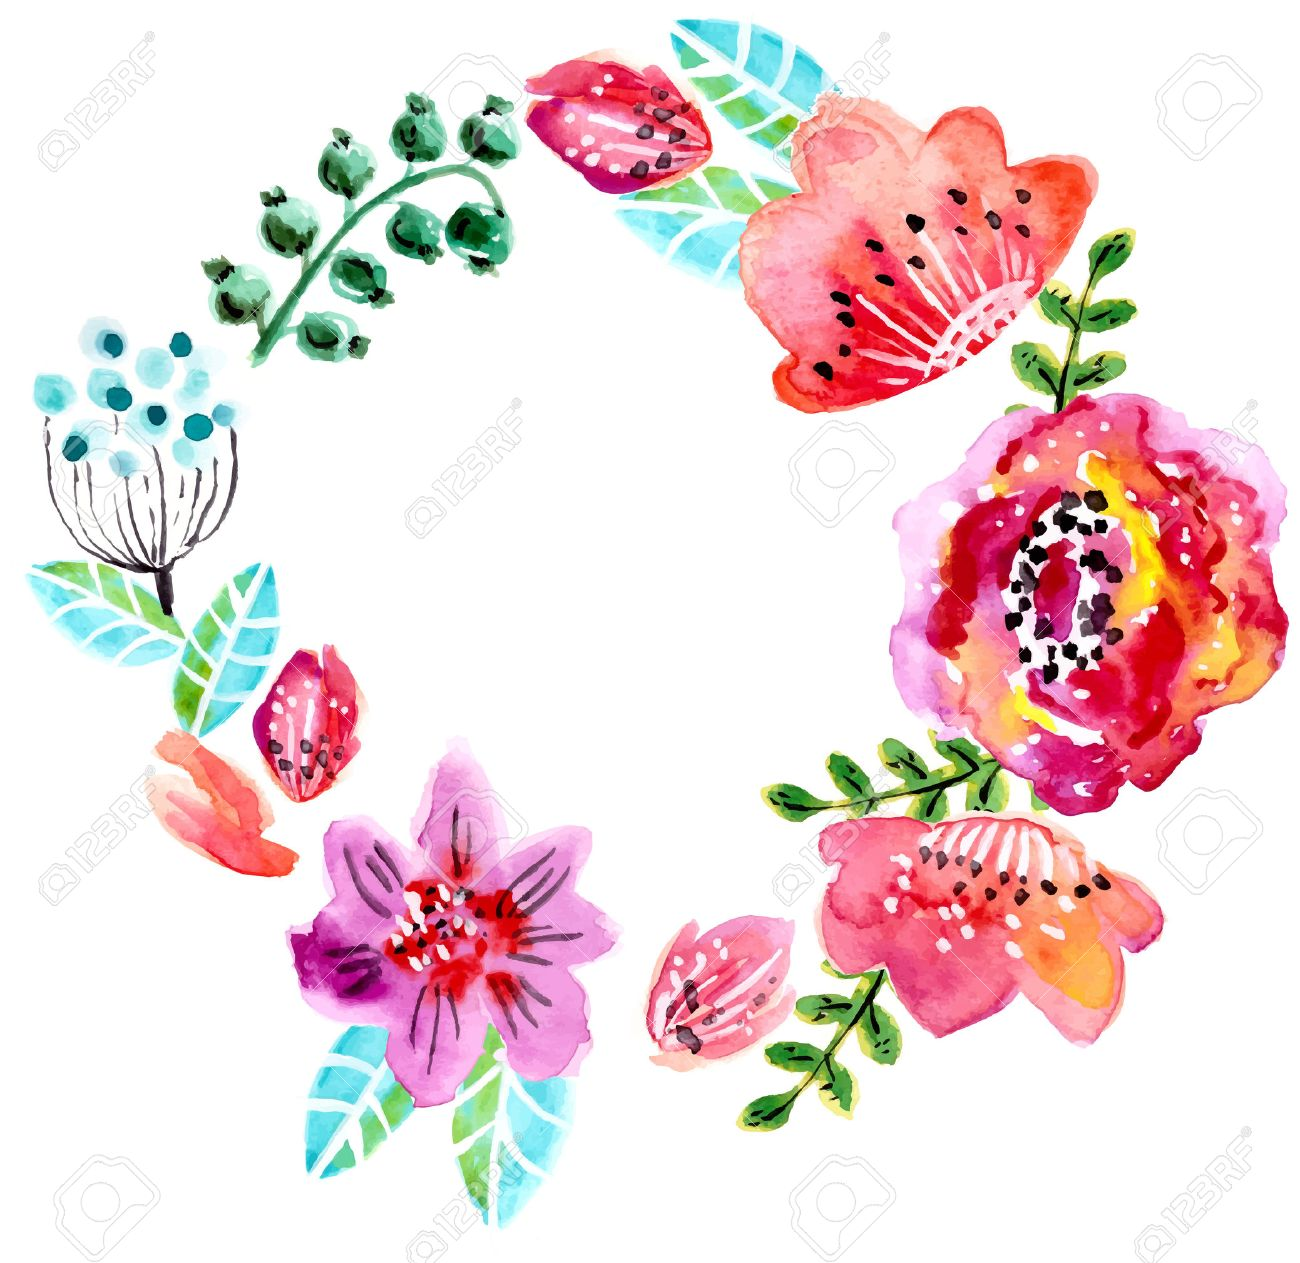 Marco De La Acuarela Floral Para La Invitación De Boda, Ahorre La ...